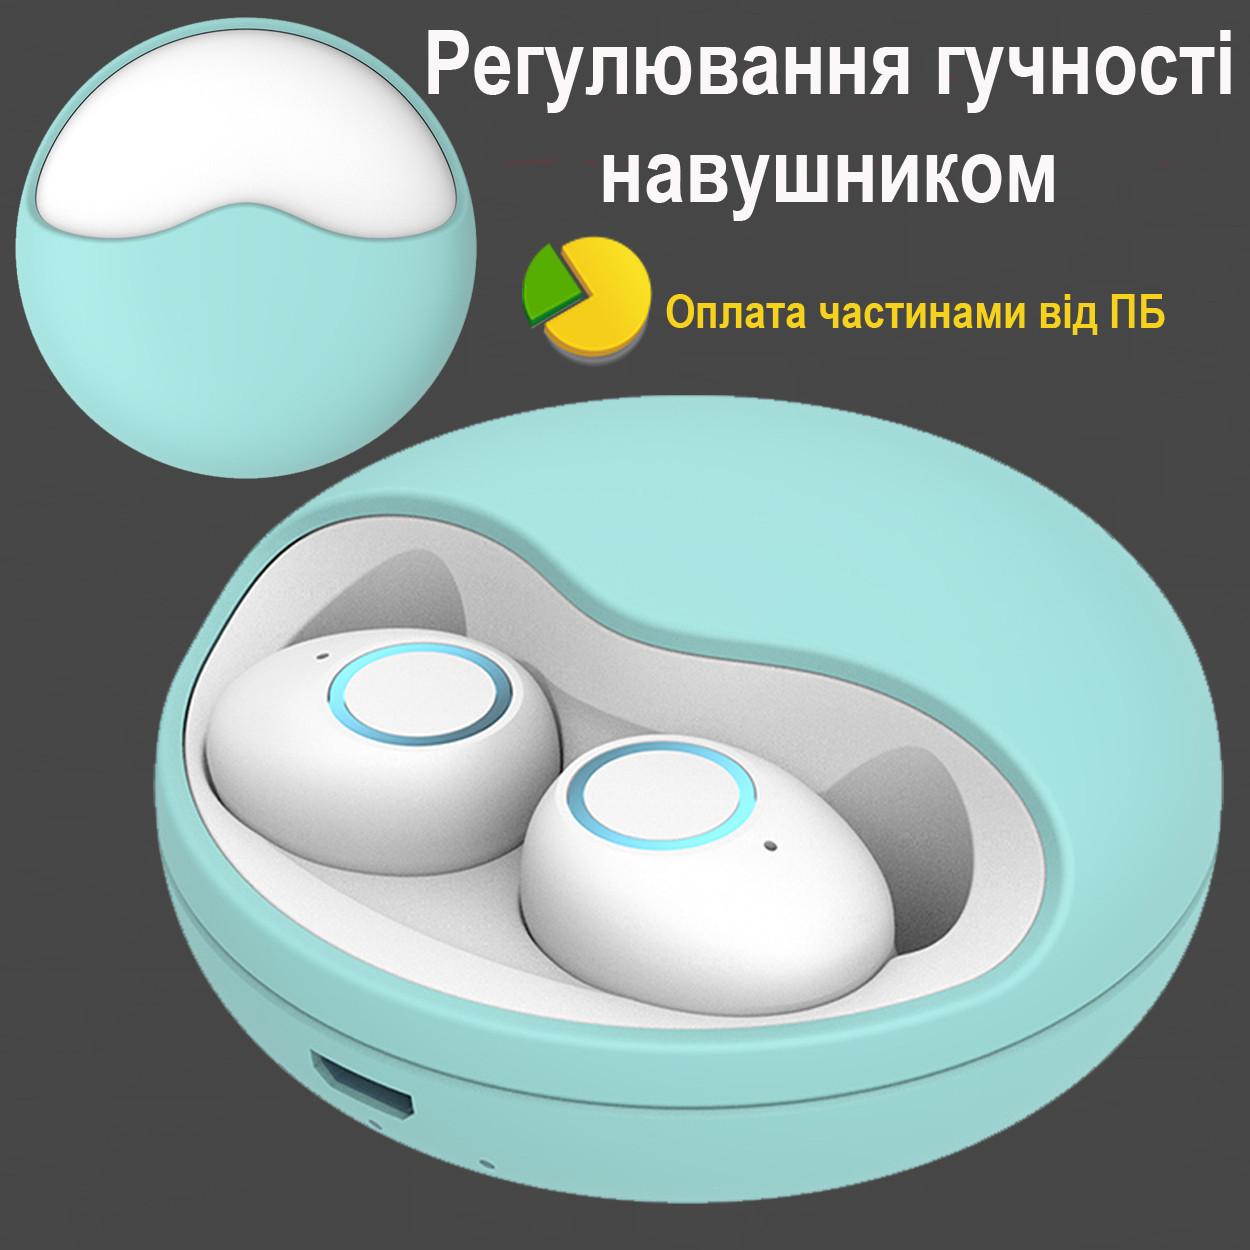 Бездротові Bluetooth-навушники безпровідні із зарядним чохлом-кейсом Wi-pods К10 Bluetooth 5.0. М'ятні.